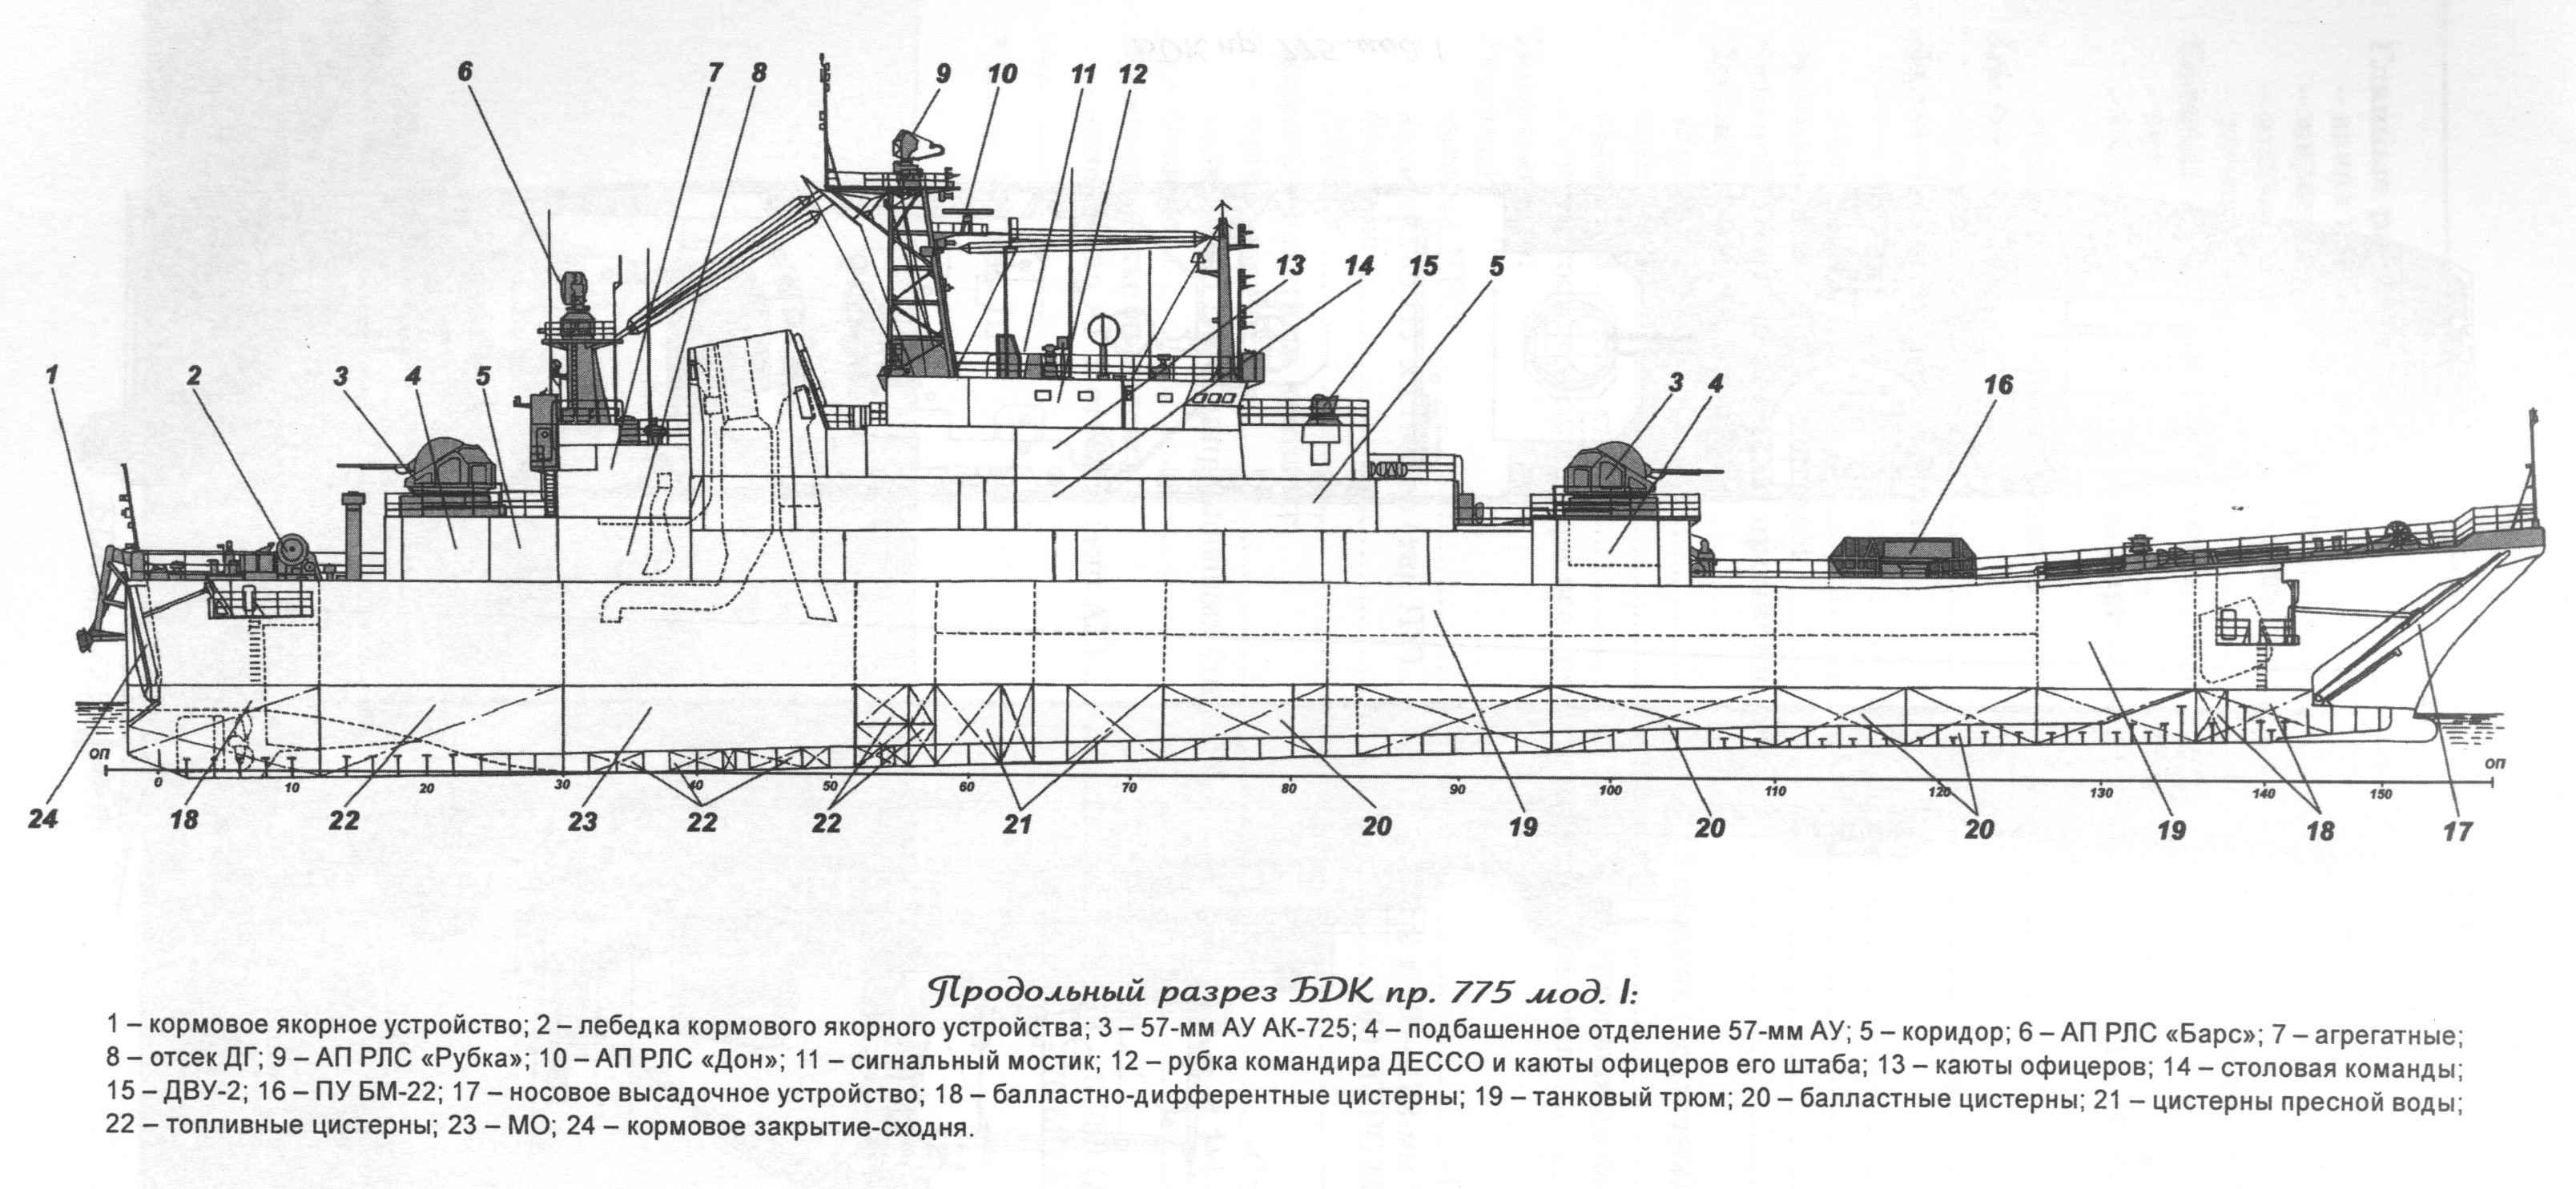 Разрез БДК пр.775